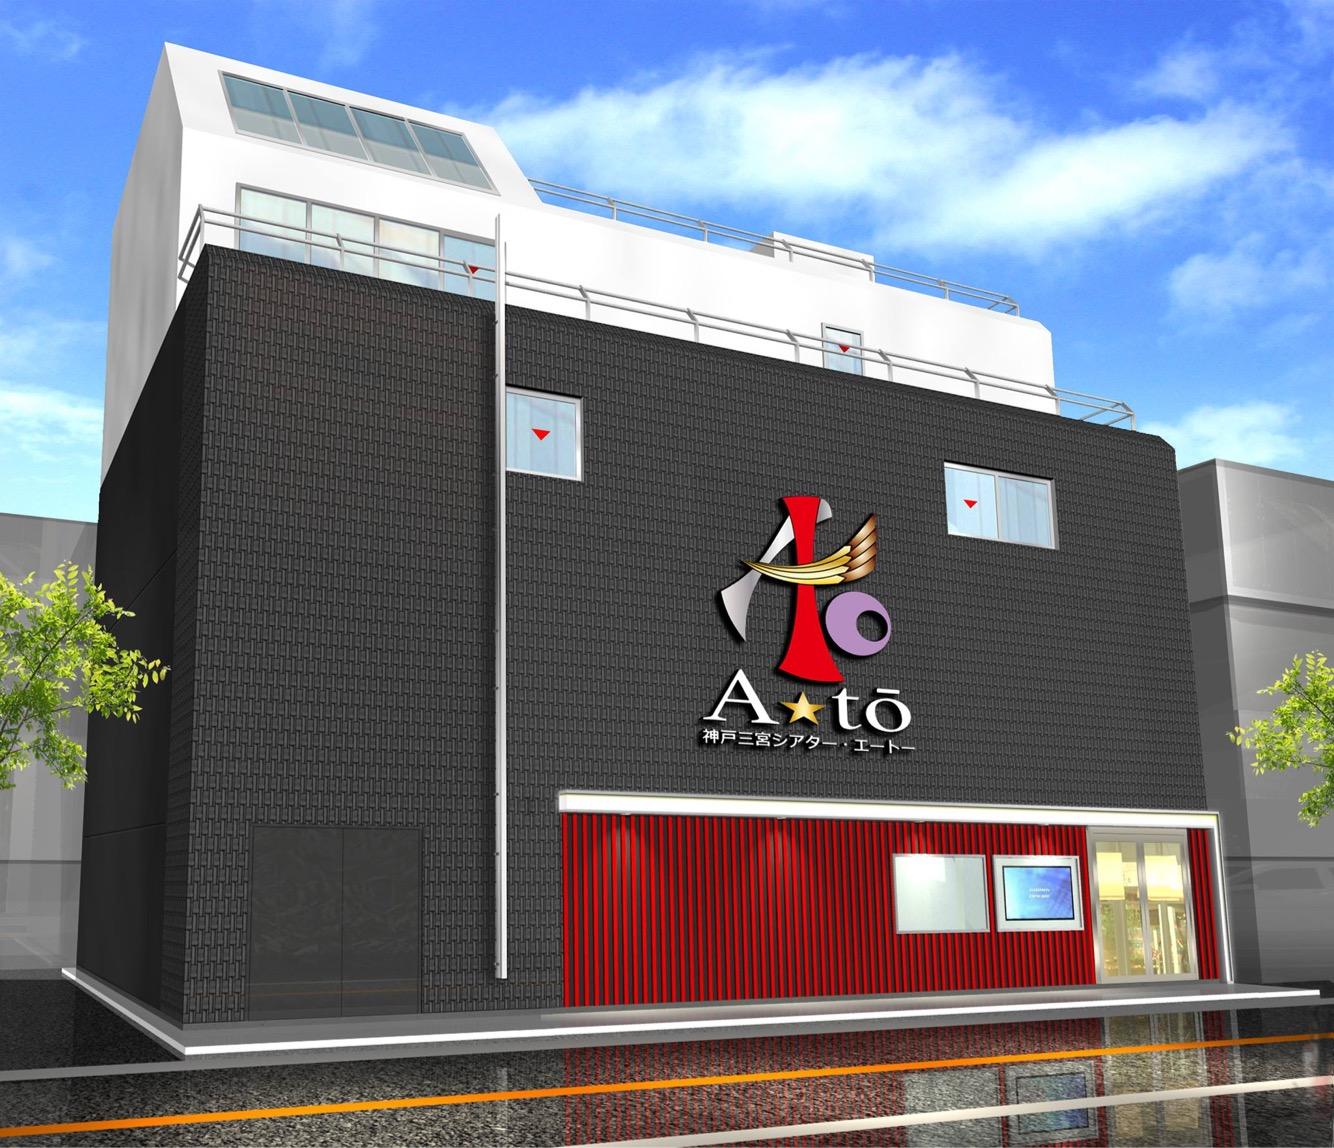 2017年4月、神戸・三宮にオープン!客席数100席の小劇場「神戸三宮シアター・エートー」